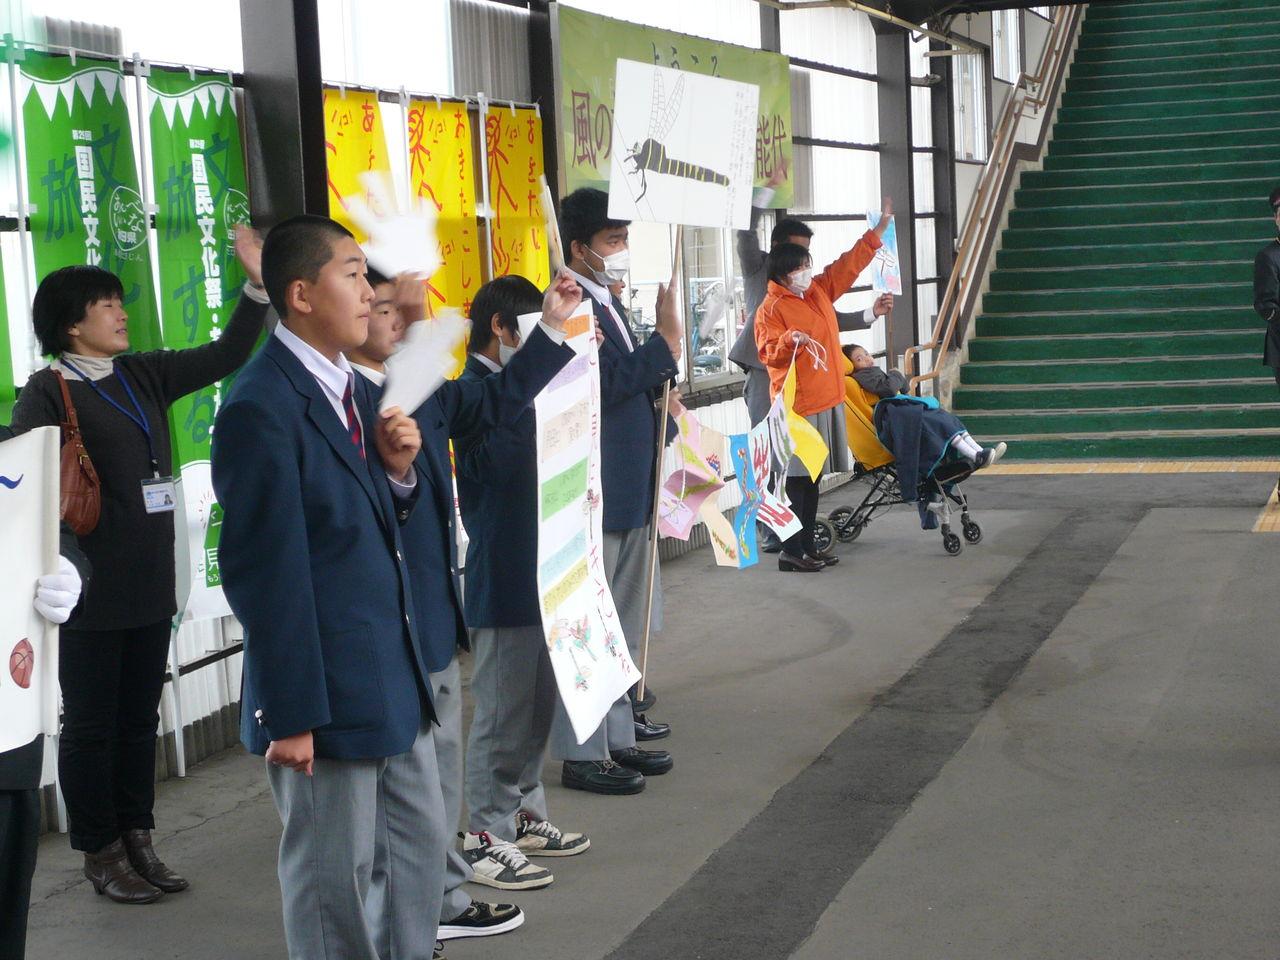 能代でらっと情報:JR能代駅にて...